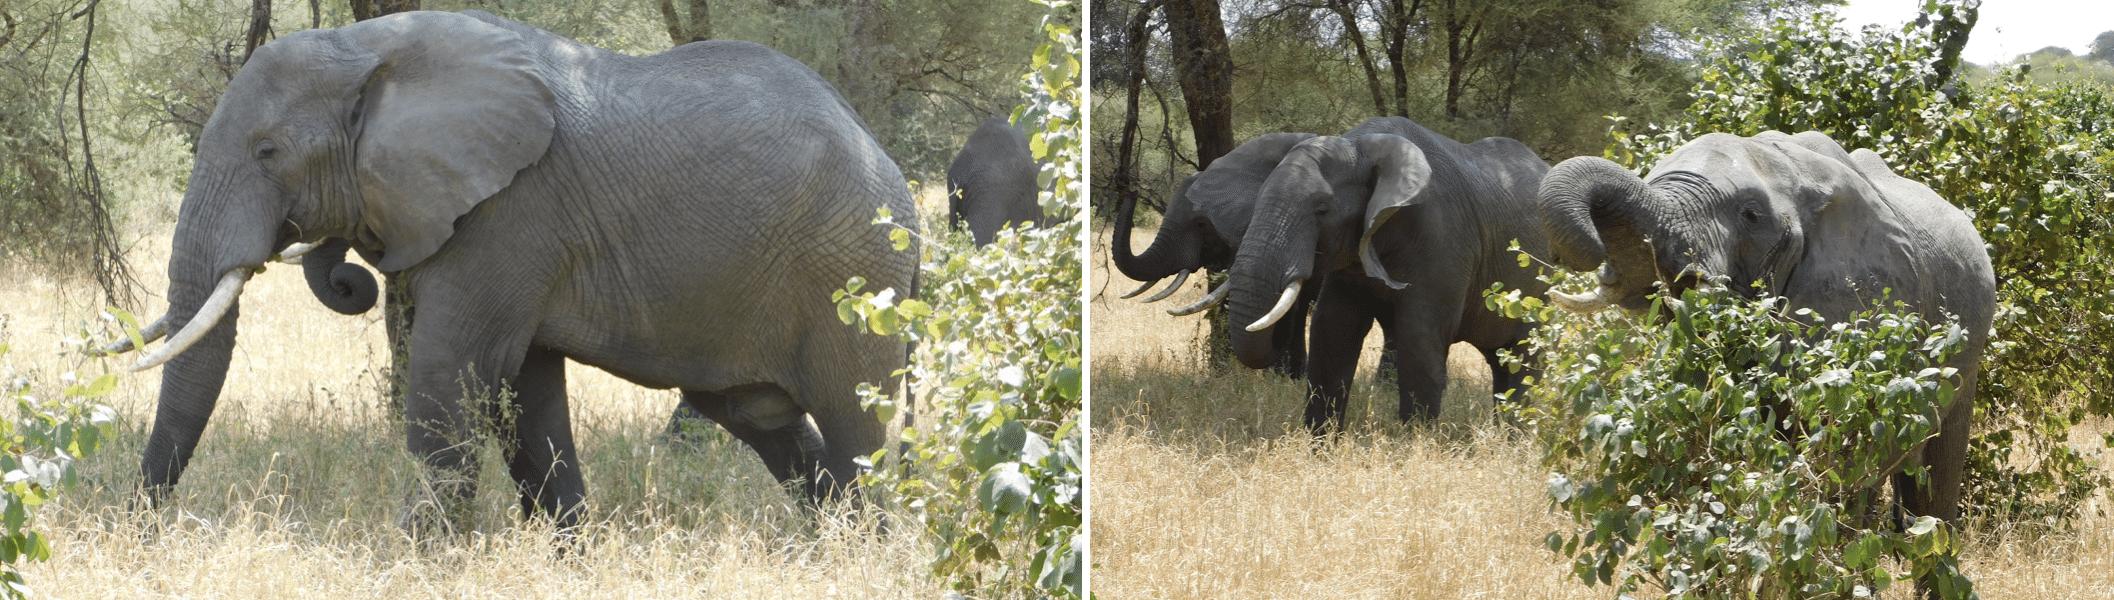 des elephants dans le parc de tarangire